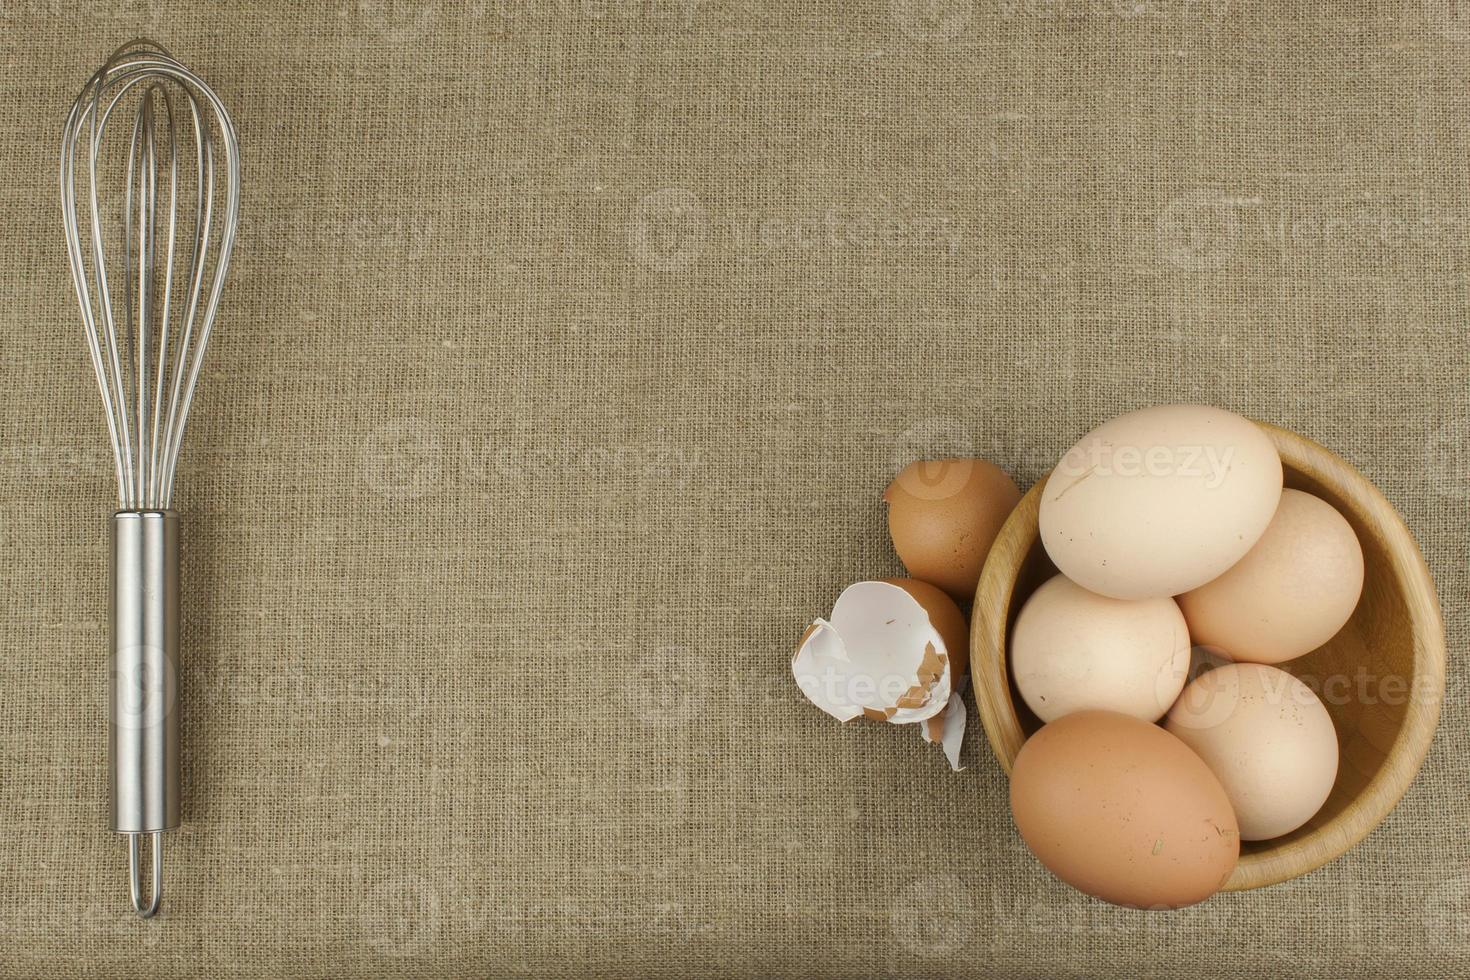 uova di gallina fatte in casa. foto